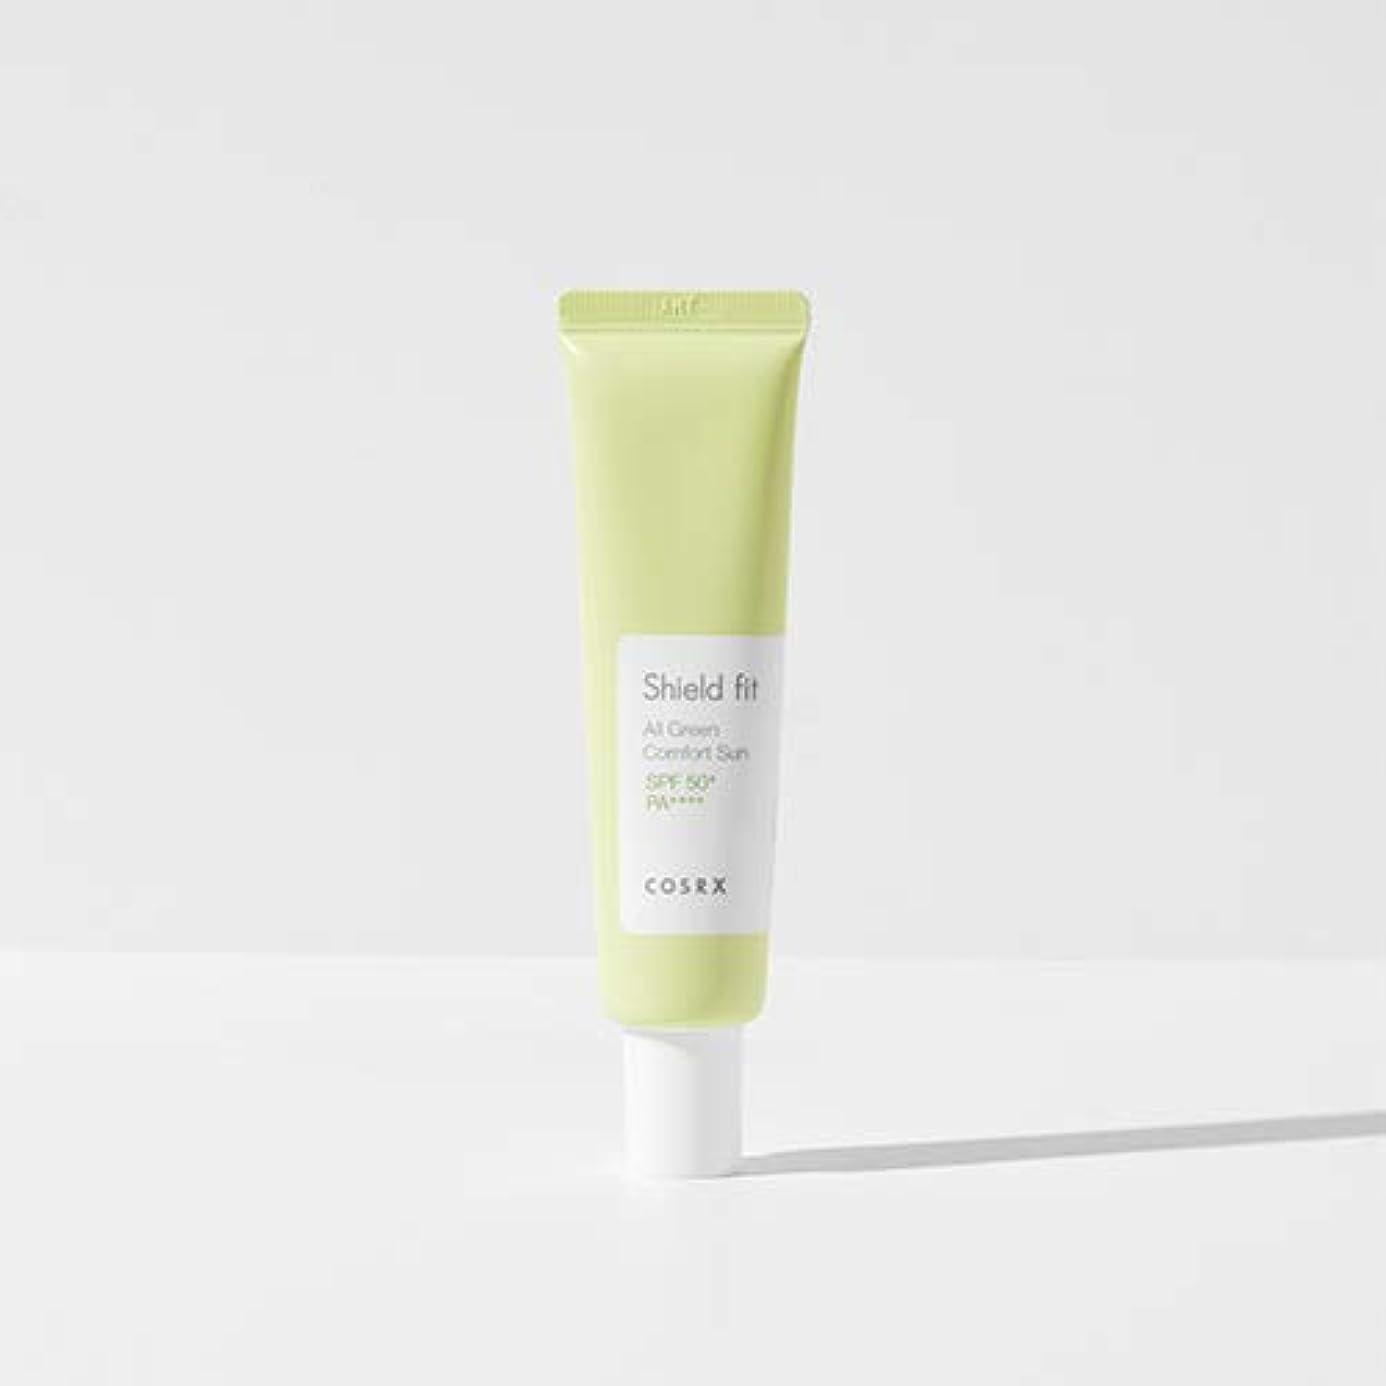 挑む相関する世界的にCOSRX シールド フィット オール グリーン コンフォート サン(無機系)/Shield fit All Green Comfort Sun (35ml) [並行輸入品]